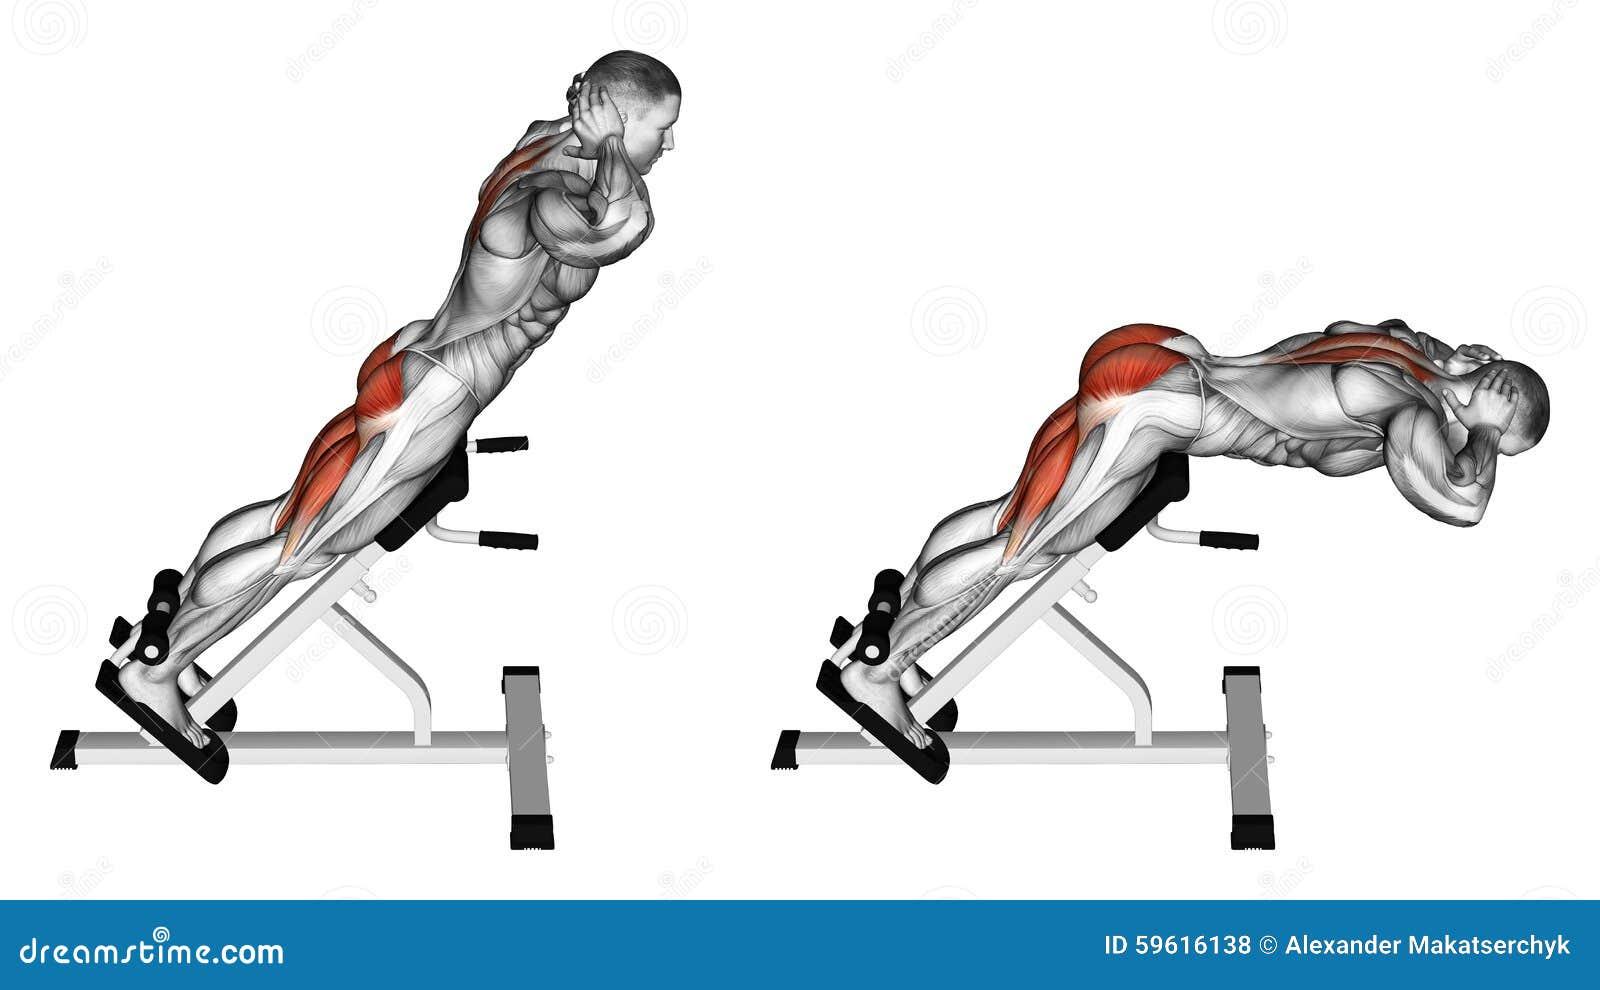 Exercising Hiperextensión